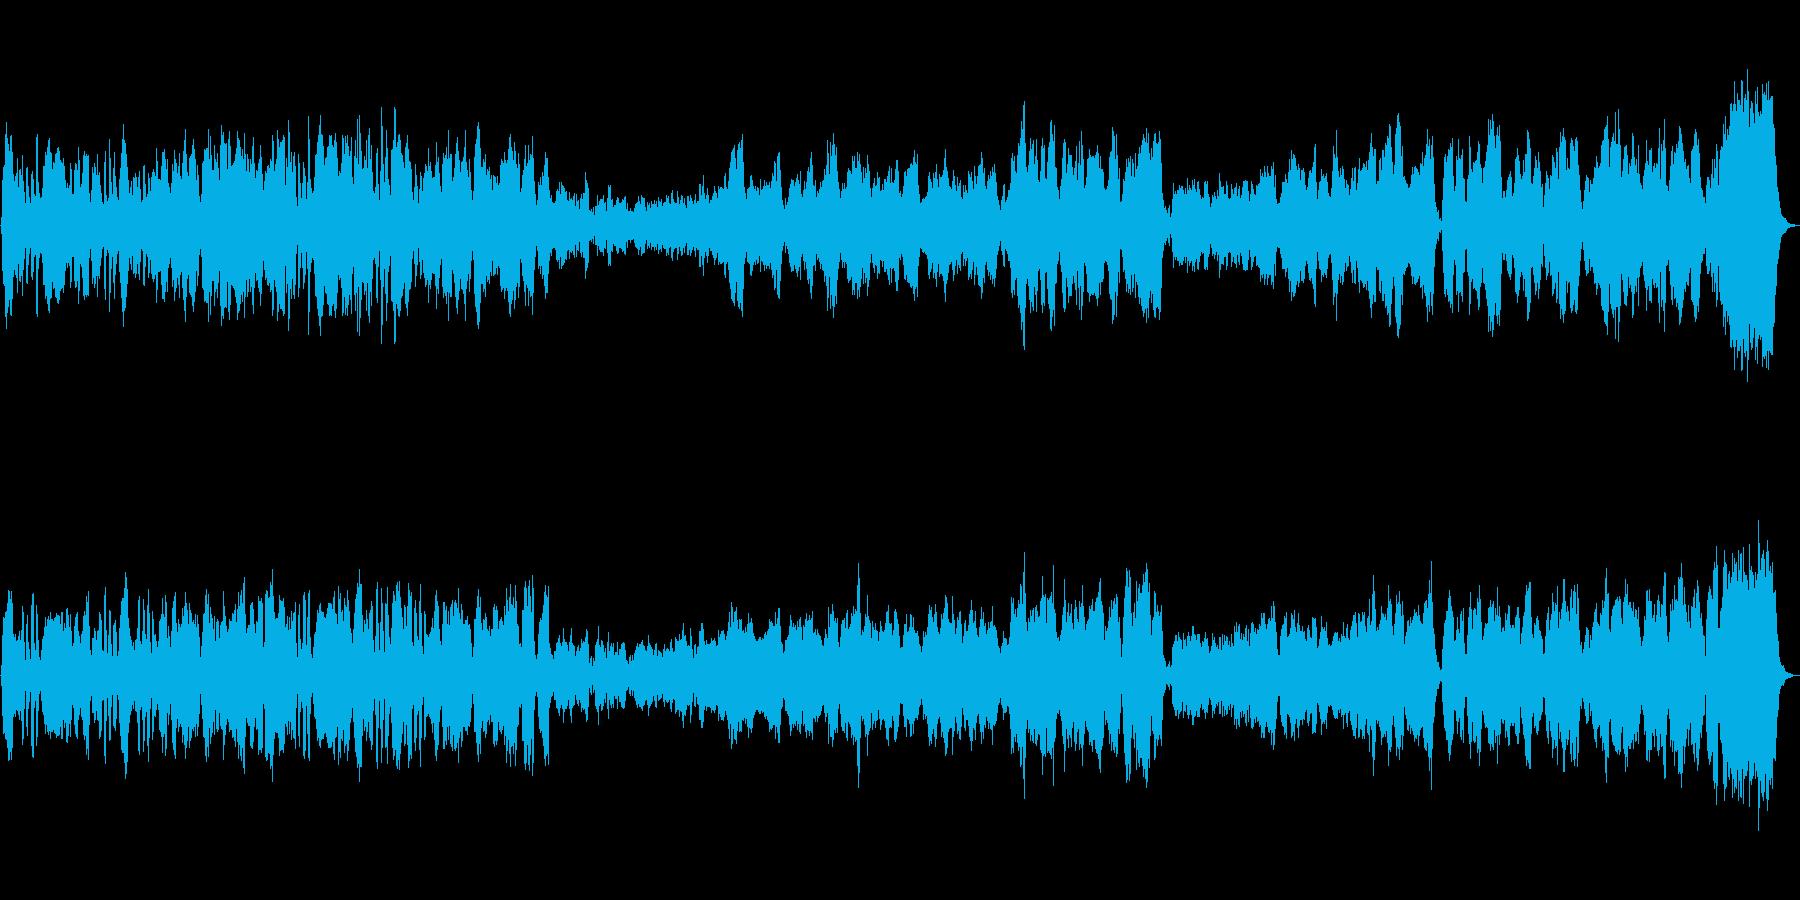 美しい贅沢なストリングスアンサンブル曲の再生済みの波形